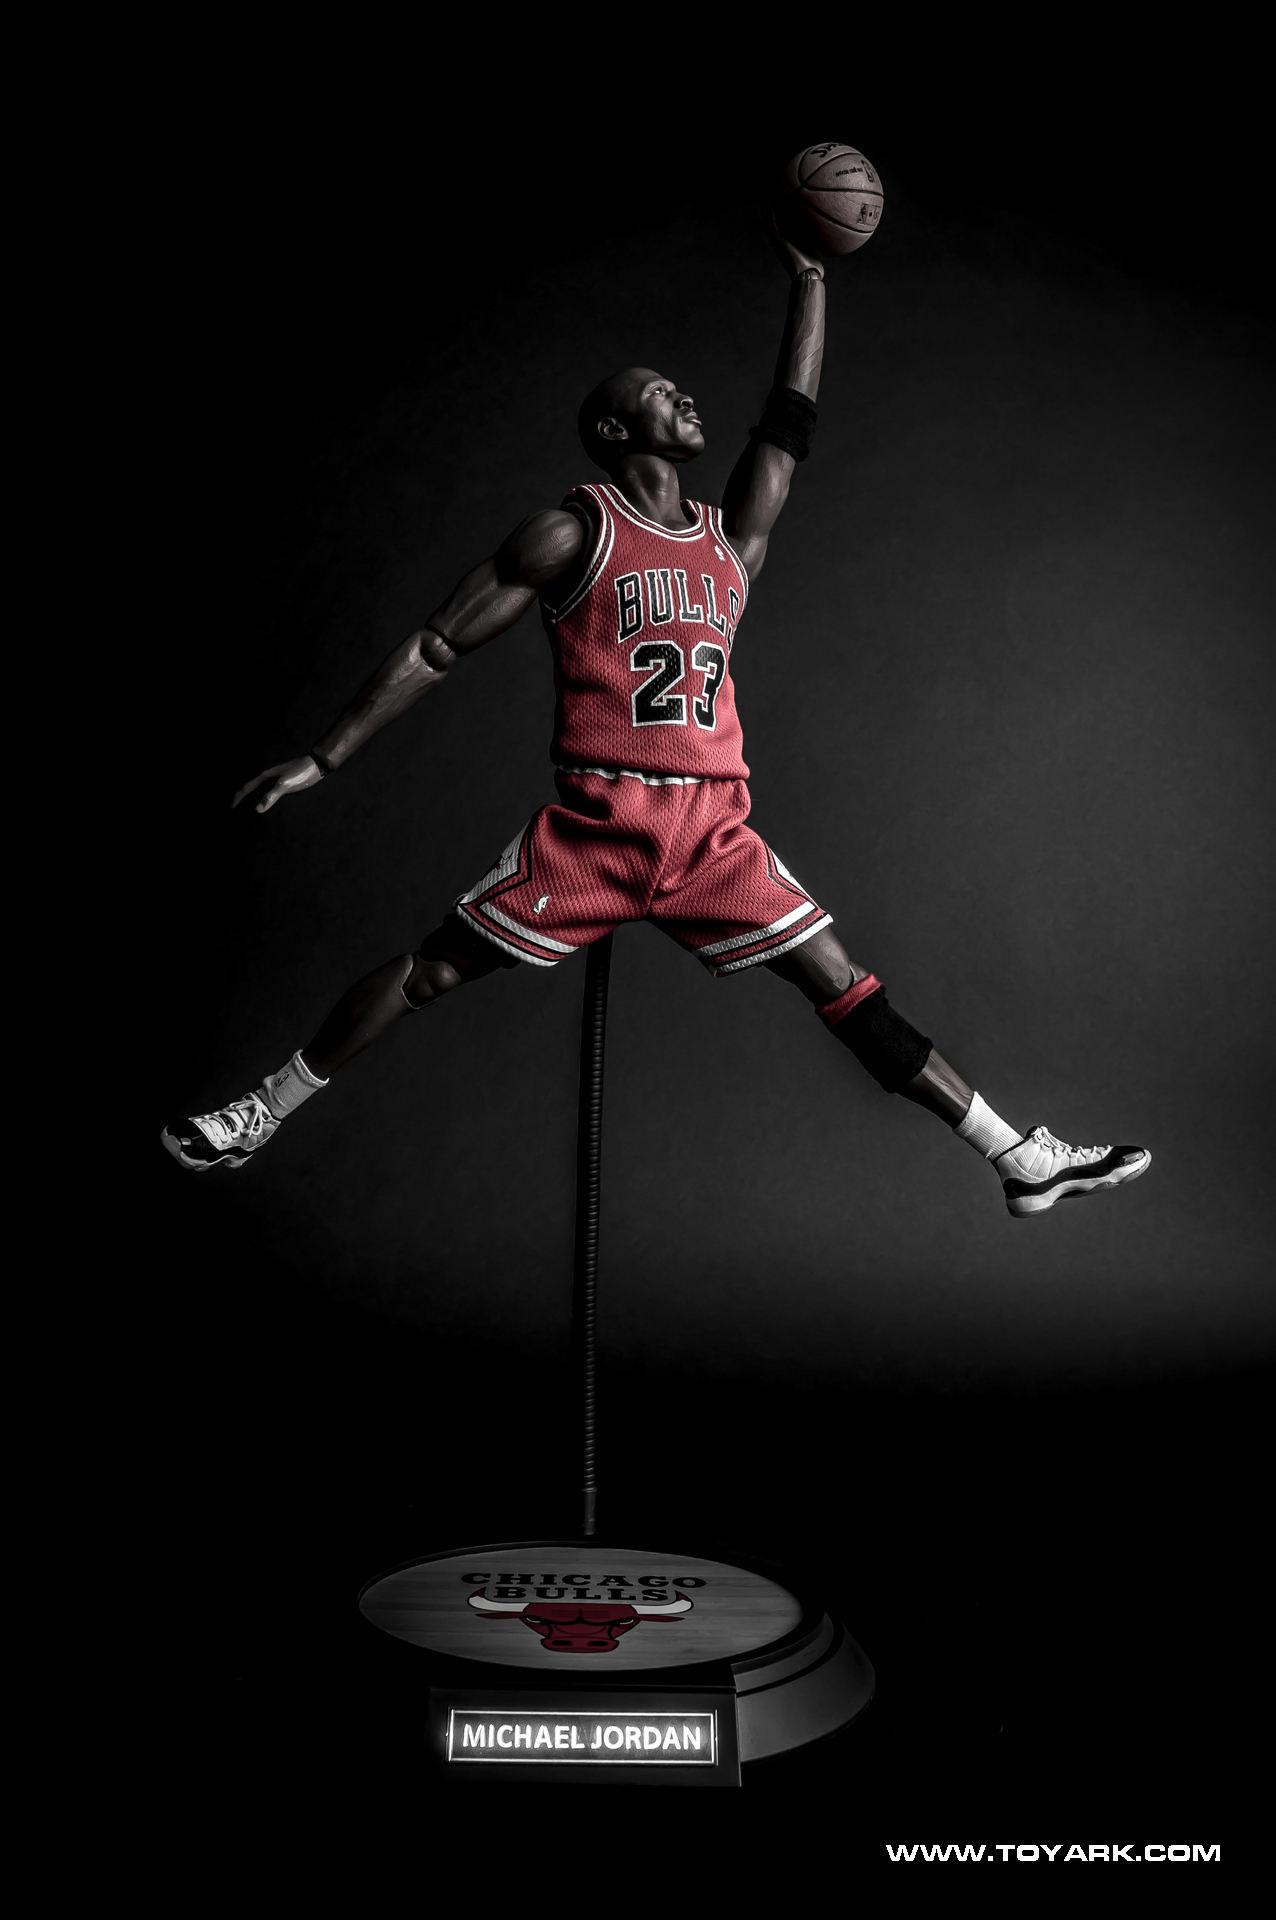 Jordan jumpman logo wallpaper wallpapersafari - Jordan jumpman logo wallpaper ...